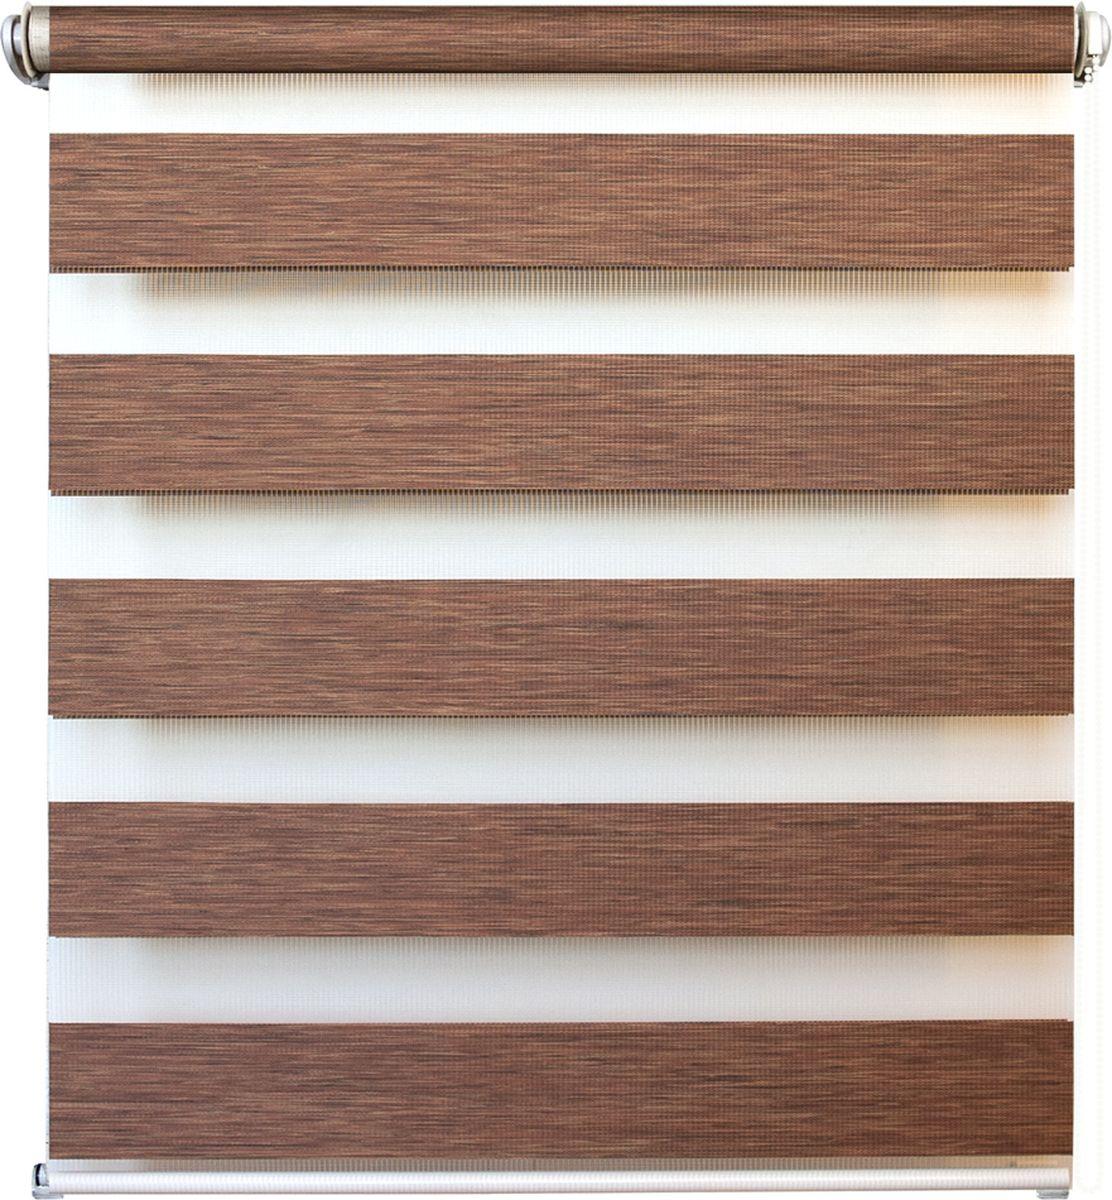 Штора рулонная день/ночь Уют Канзас, цвет: коричневый, 100 х 160 см62.РШТО.8910.120х175Штора рулонная день/ночь Уют Канзас выполнена из прочного полиэстера, в котором чередуются полосы различной плотности и фактуры. Управление двойным слоем ткани с помощью цепочки позволяет регулировать степень светопроницаемости шторы. Если совпали плотные полосы, то прозрачные будут открыты максимально. Это положение шторы называется День. Максимальное затемнение помещения достигается при полном совпадении полос разных фактур. Это положение шторы называется Ночь. Конструкция шторы также позволяет полностью свернуть полотно, обеспечив максимальное открытие окна. Рулонная штора - это разновидность штор, которая закрывает не весь оконный проем, а непосредственно само стекло. Такая штора очень компактна, что помогает сэкономить пространство. Универсальная конструкция позволяет монтировать штору на стену, потолок, деревянные или пластиковые рамы окон. В комплект входят кронштейны и нижний утяжелитель. Возможна установка с управлением цепочкой как справа, так и слева. Такая штора станет прекрасным элементом декора окна и гармонично впишется в интерьер любого помещения. Классический дизайн подойдет для гостиной, спальни, кухни, кабинета или офиса.